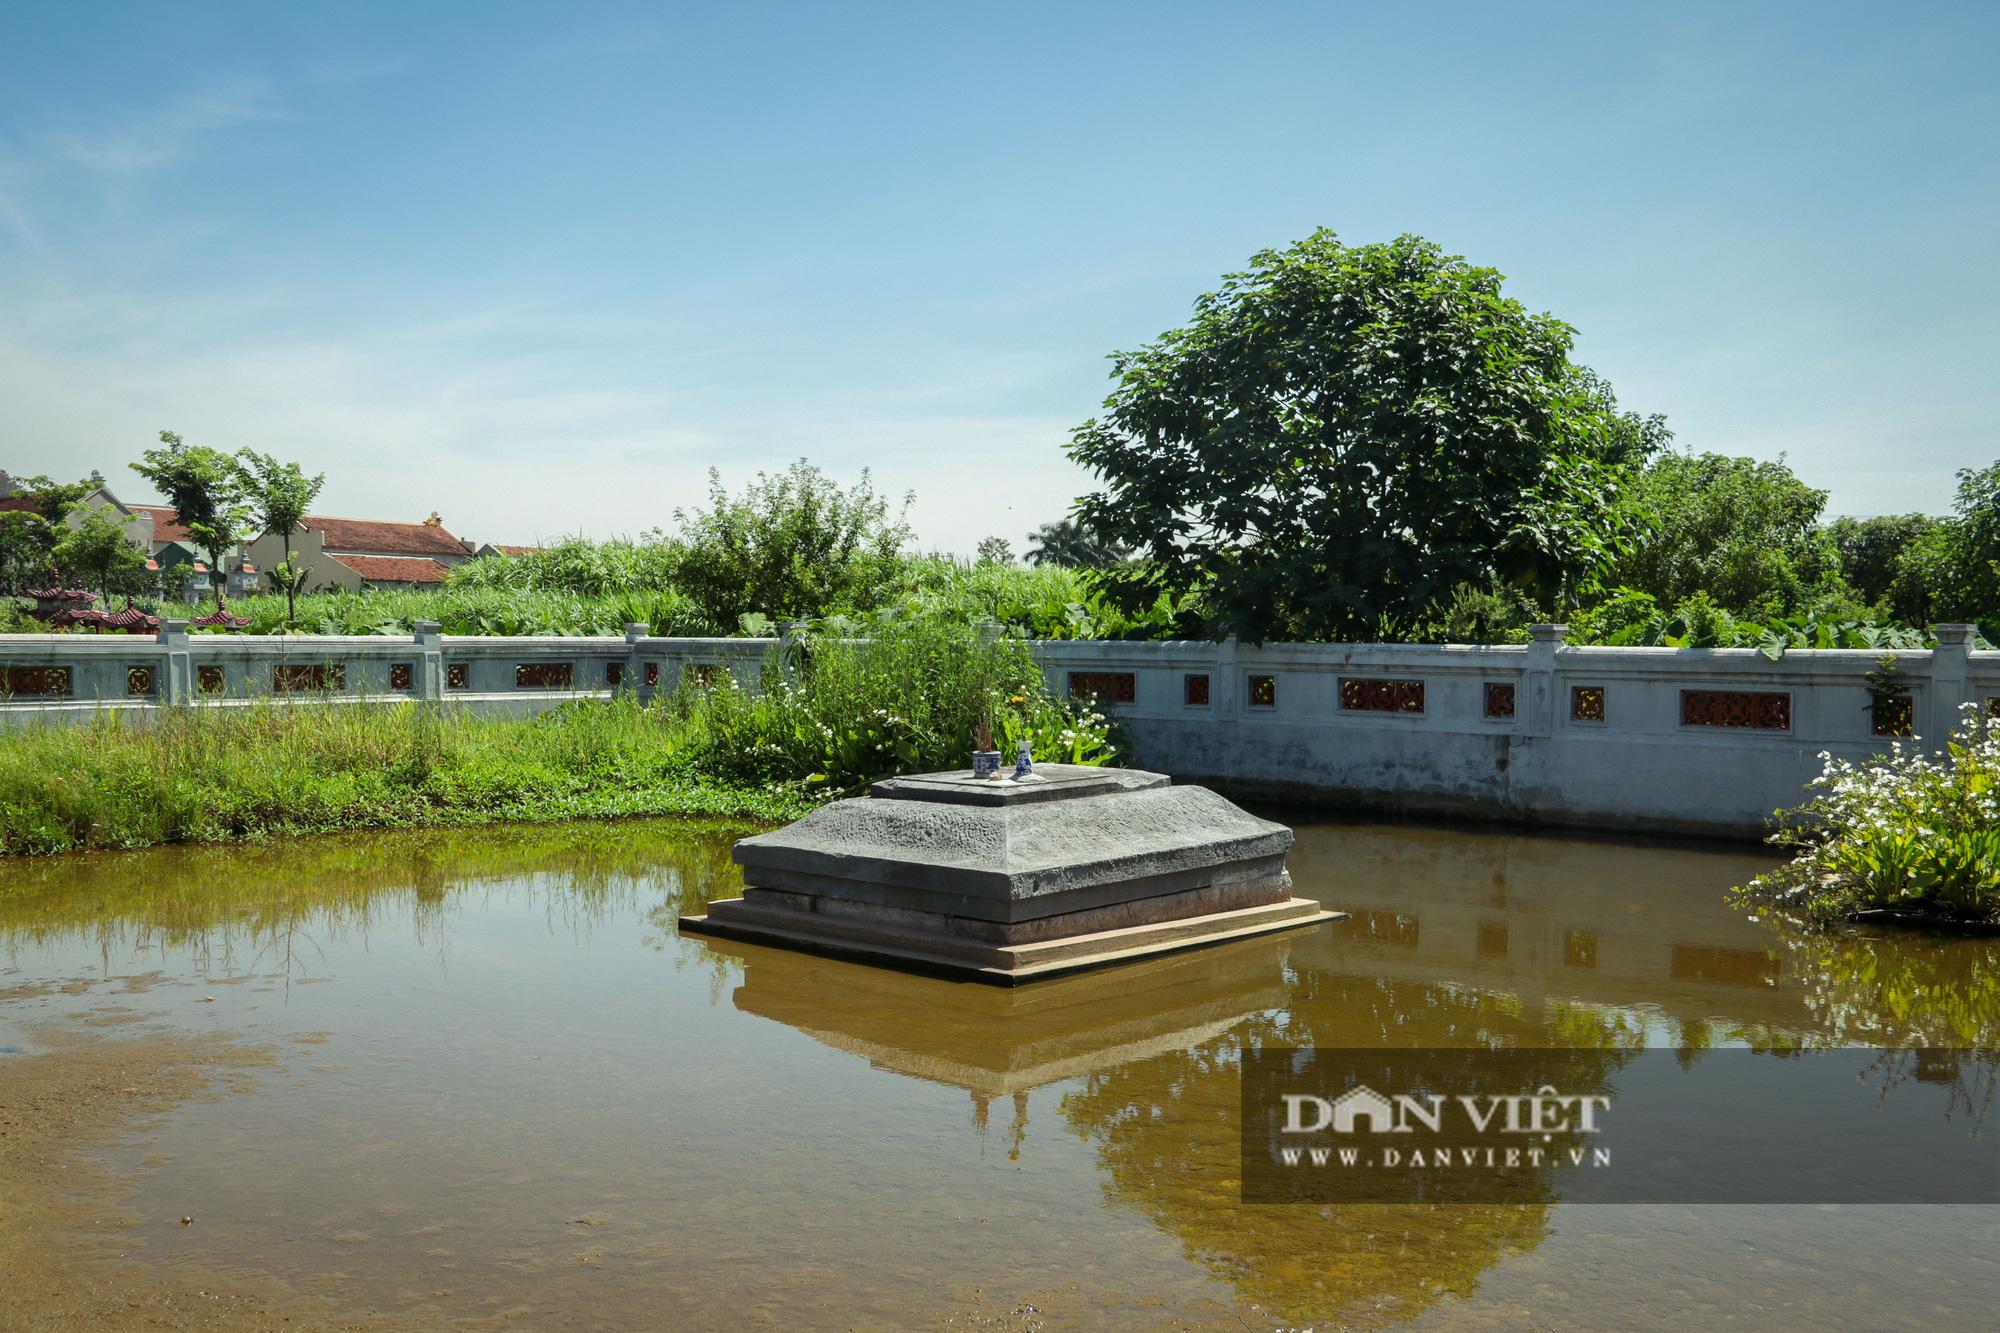 Bí ẩn lăng mộ đá ở Hà Nội bị 2 trận lũ lớn vùi lấp suốt hàng trăm năm - Ảnh 10.